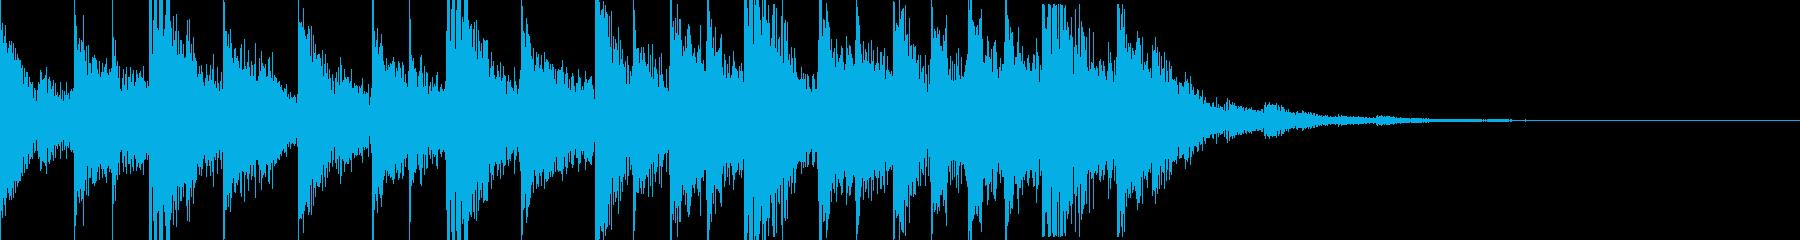 シンスウェーブなアイキャッチの再生済みの波形